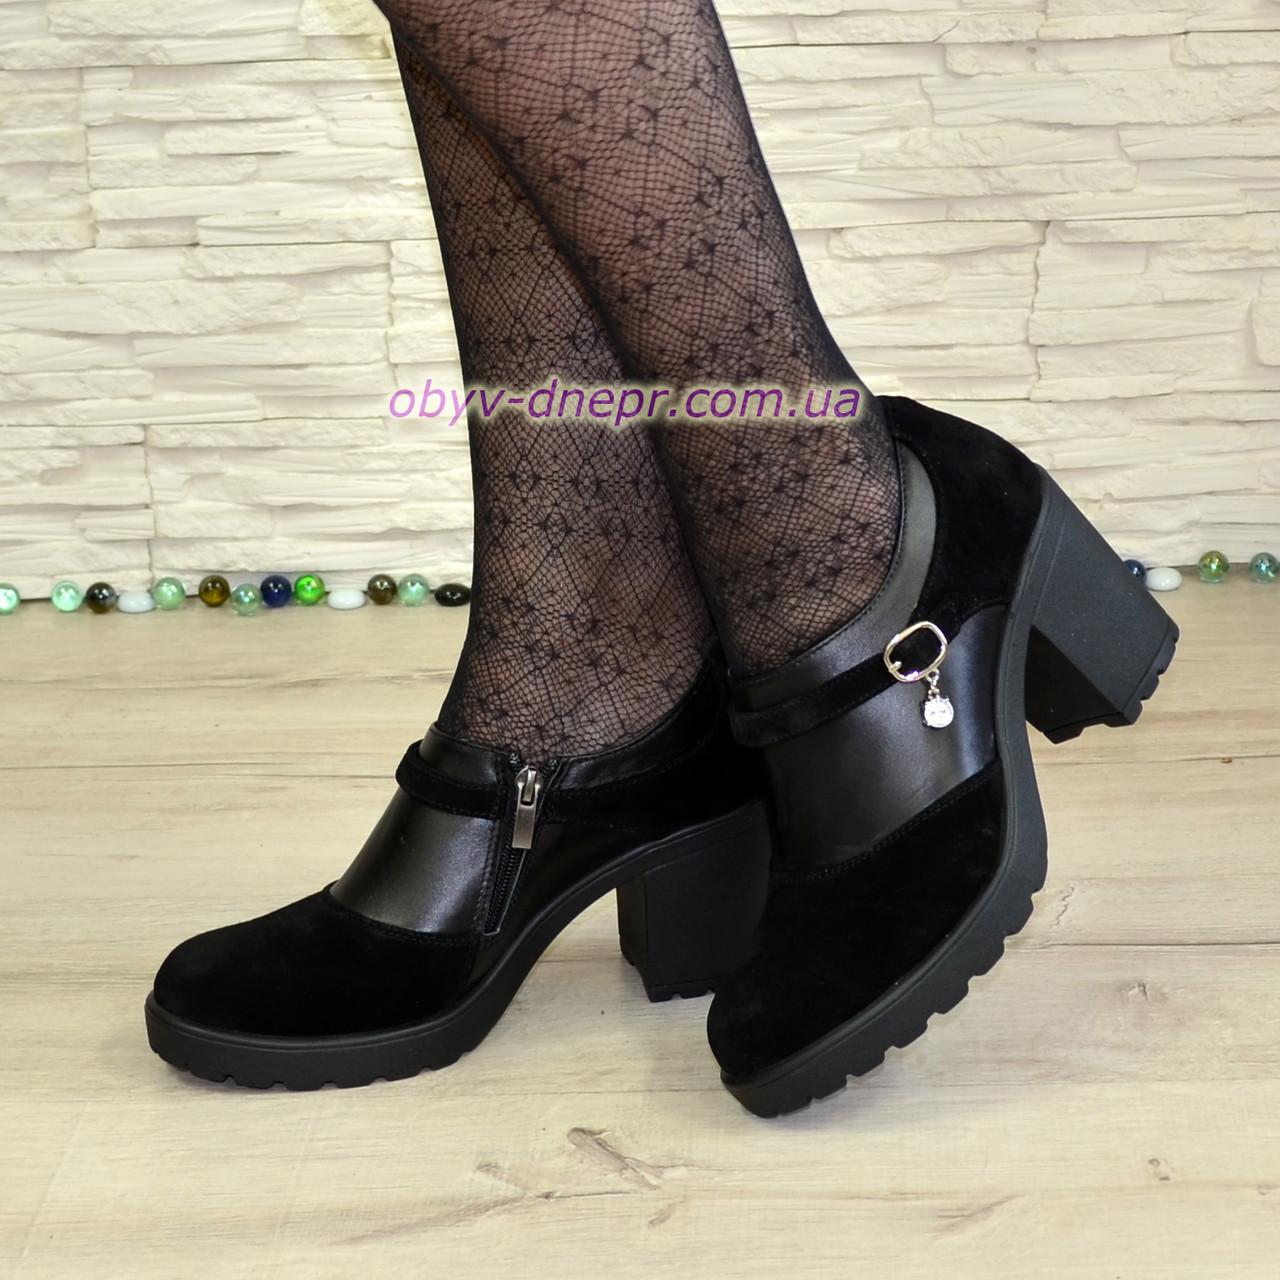 Туфли женские на невысоком устойчивом каблуке, из натуральной замши и кожи